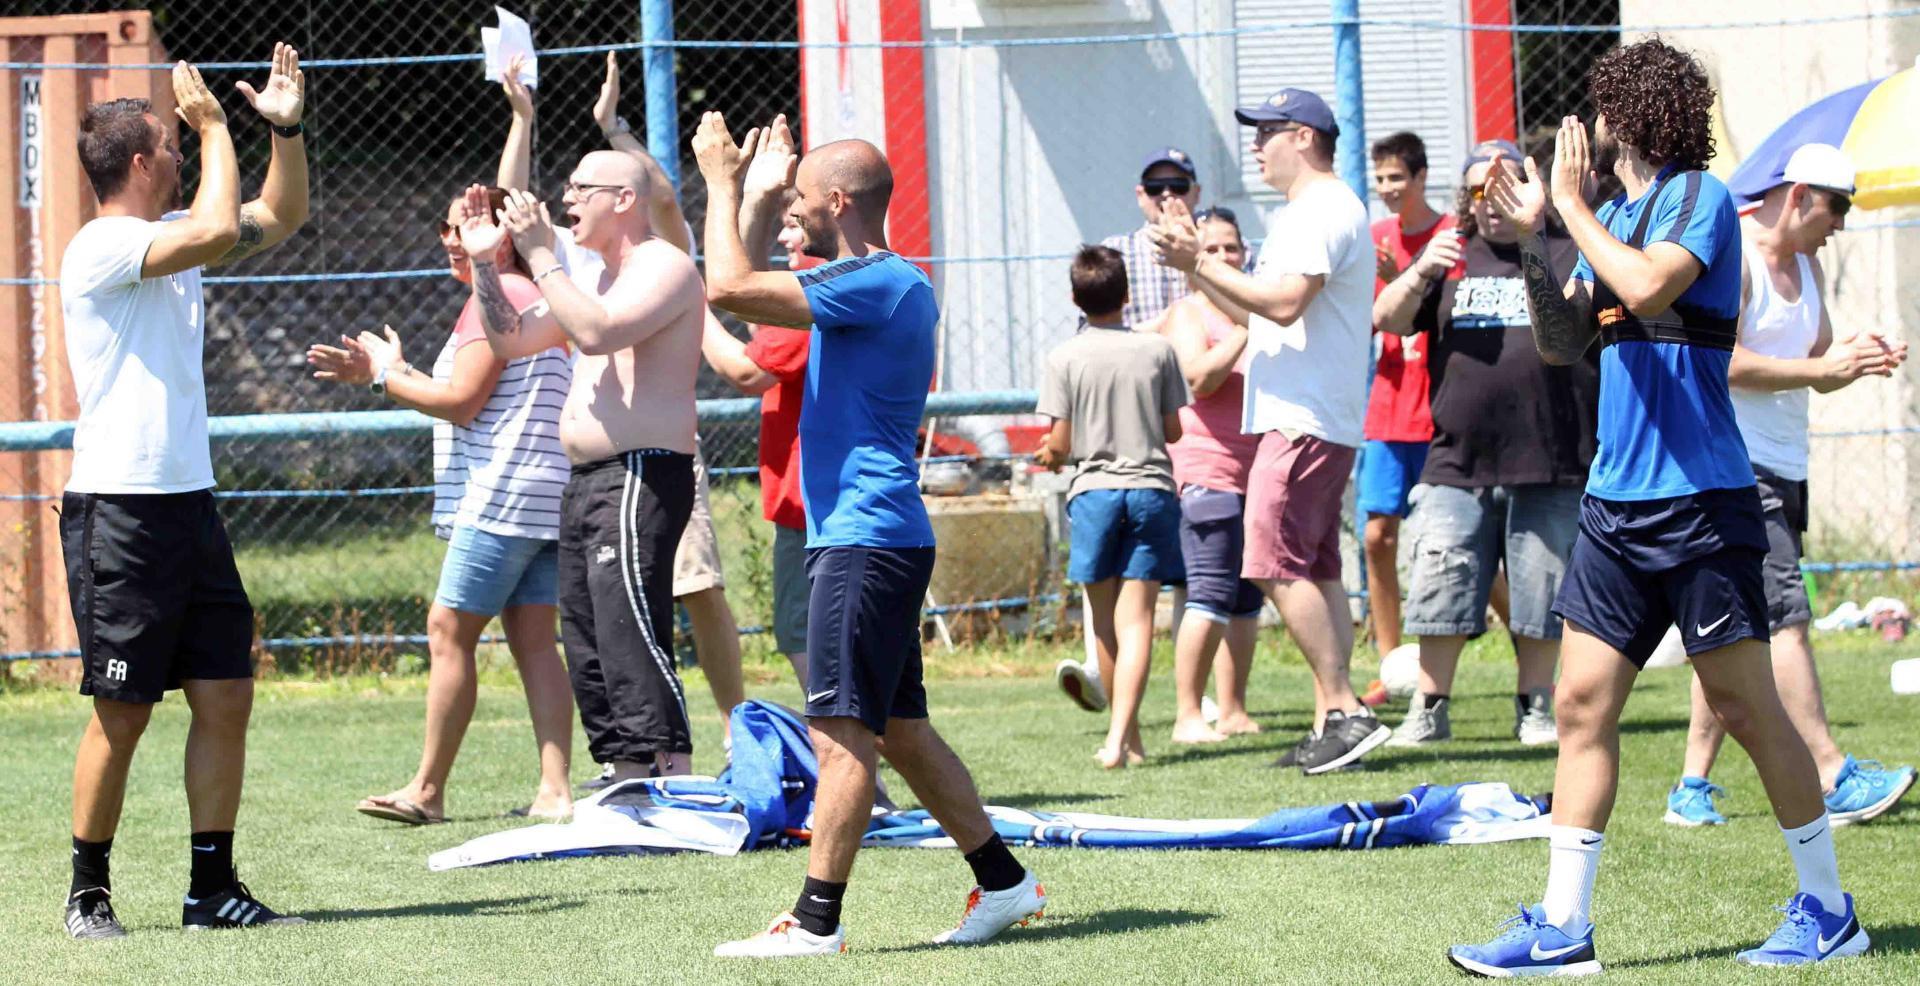 Szurkolók látogatták meg edzésen a csapatot - alkottak az ultrák